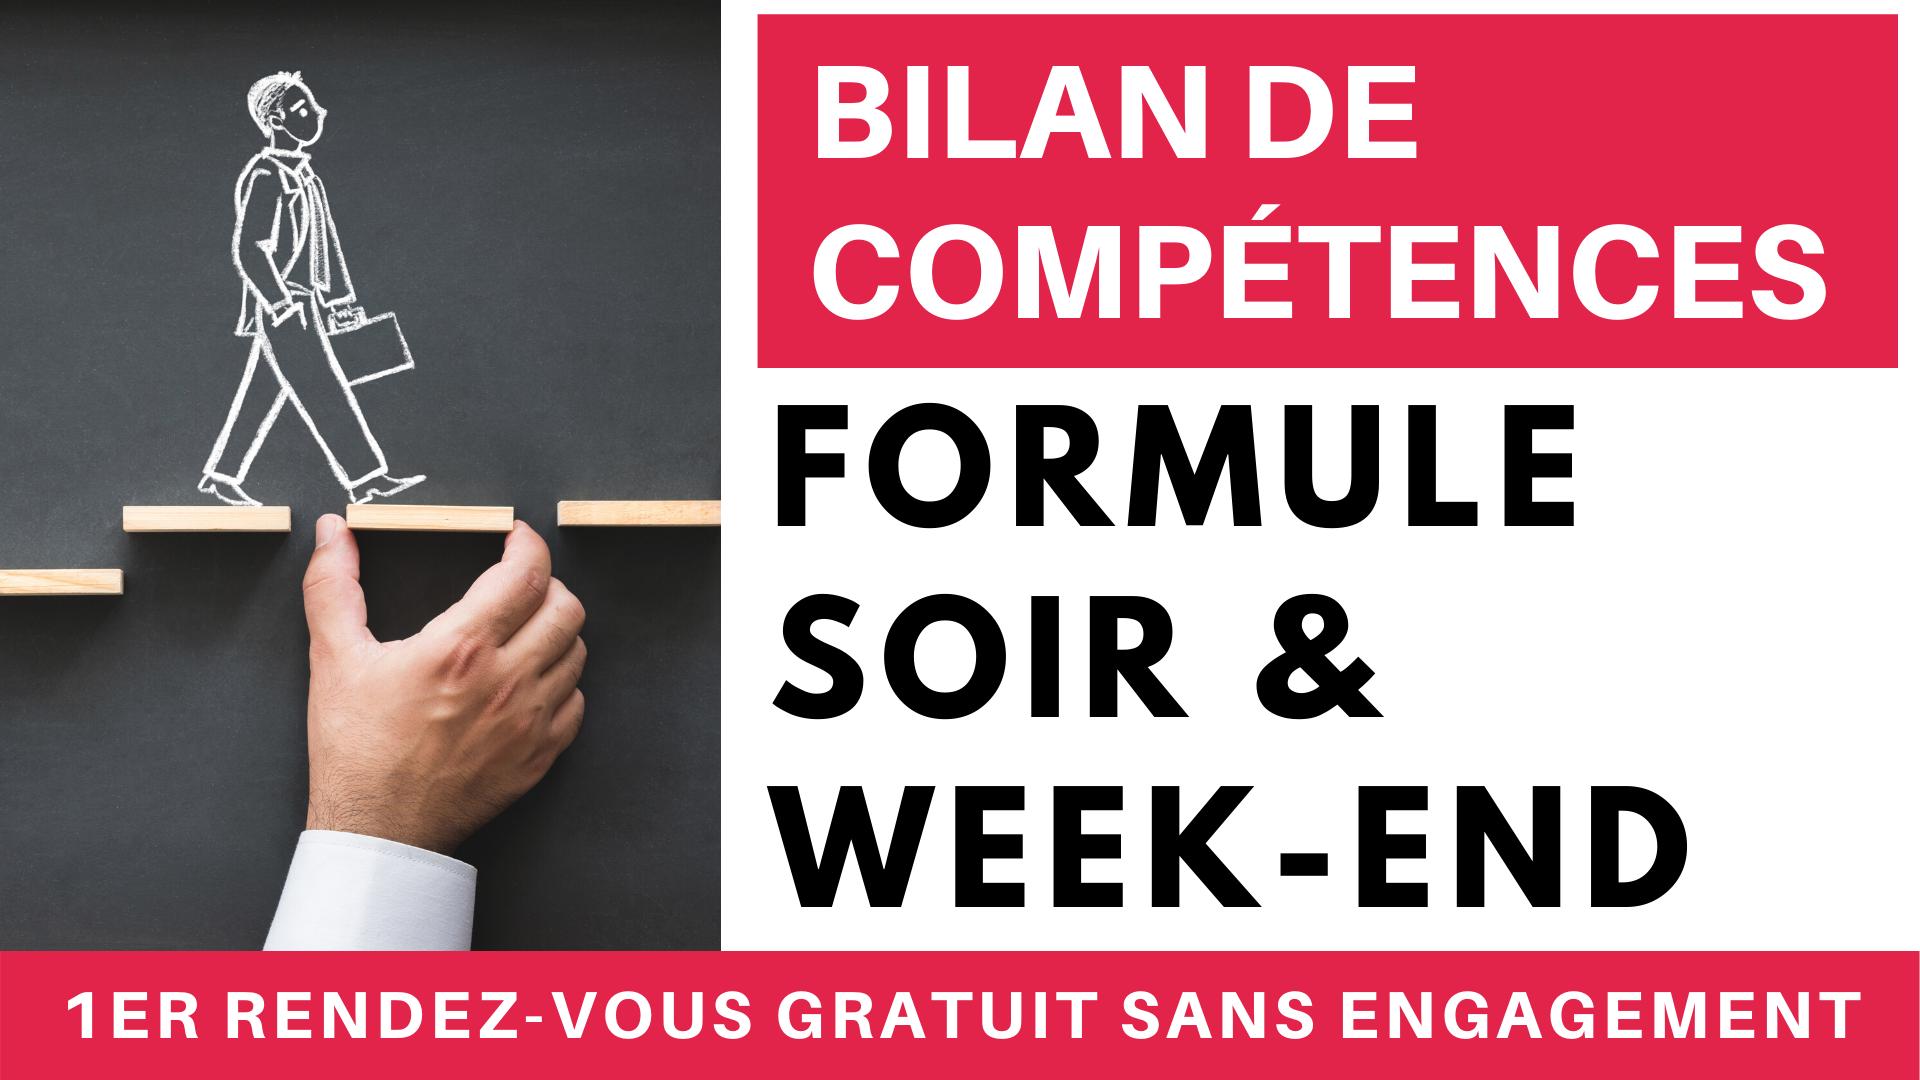 Bilan de Compétences Formule Soir & Week-end